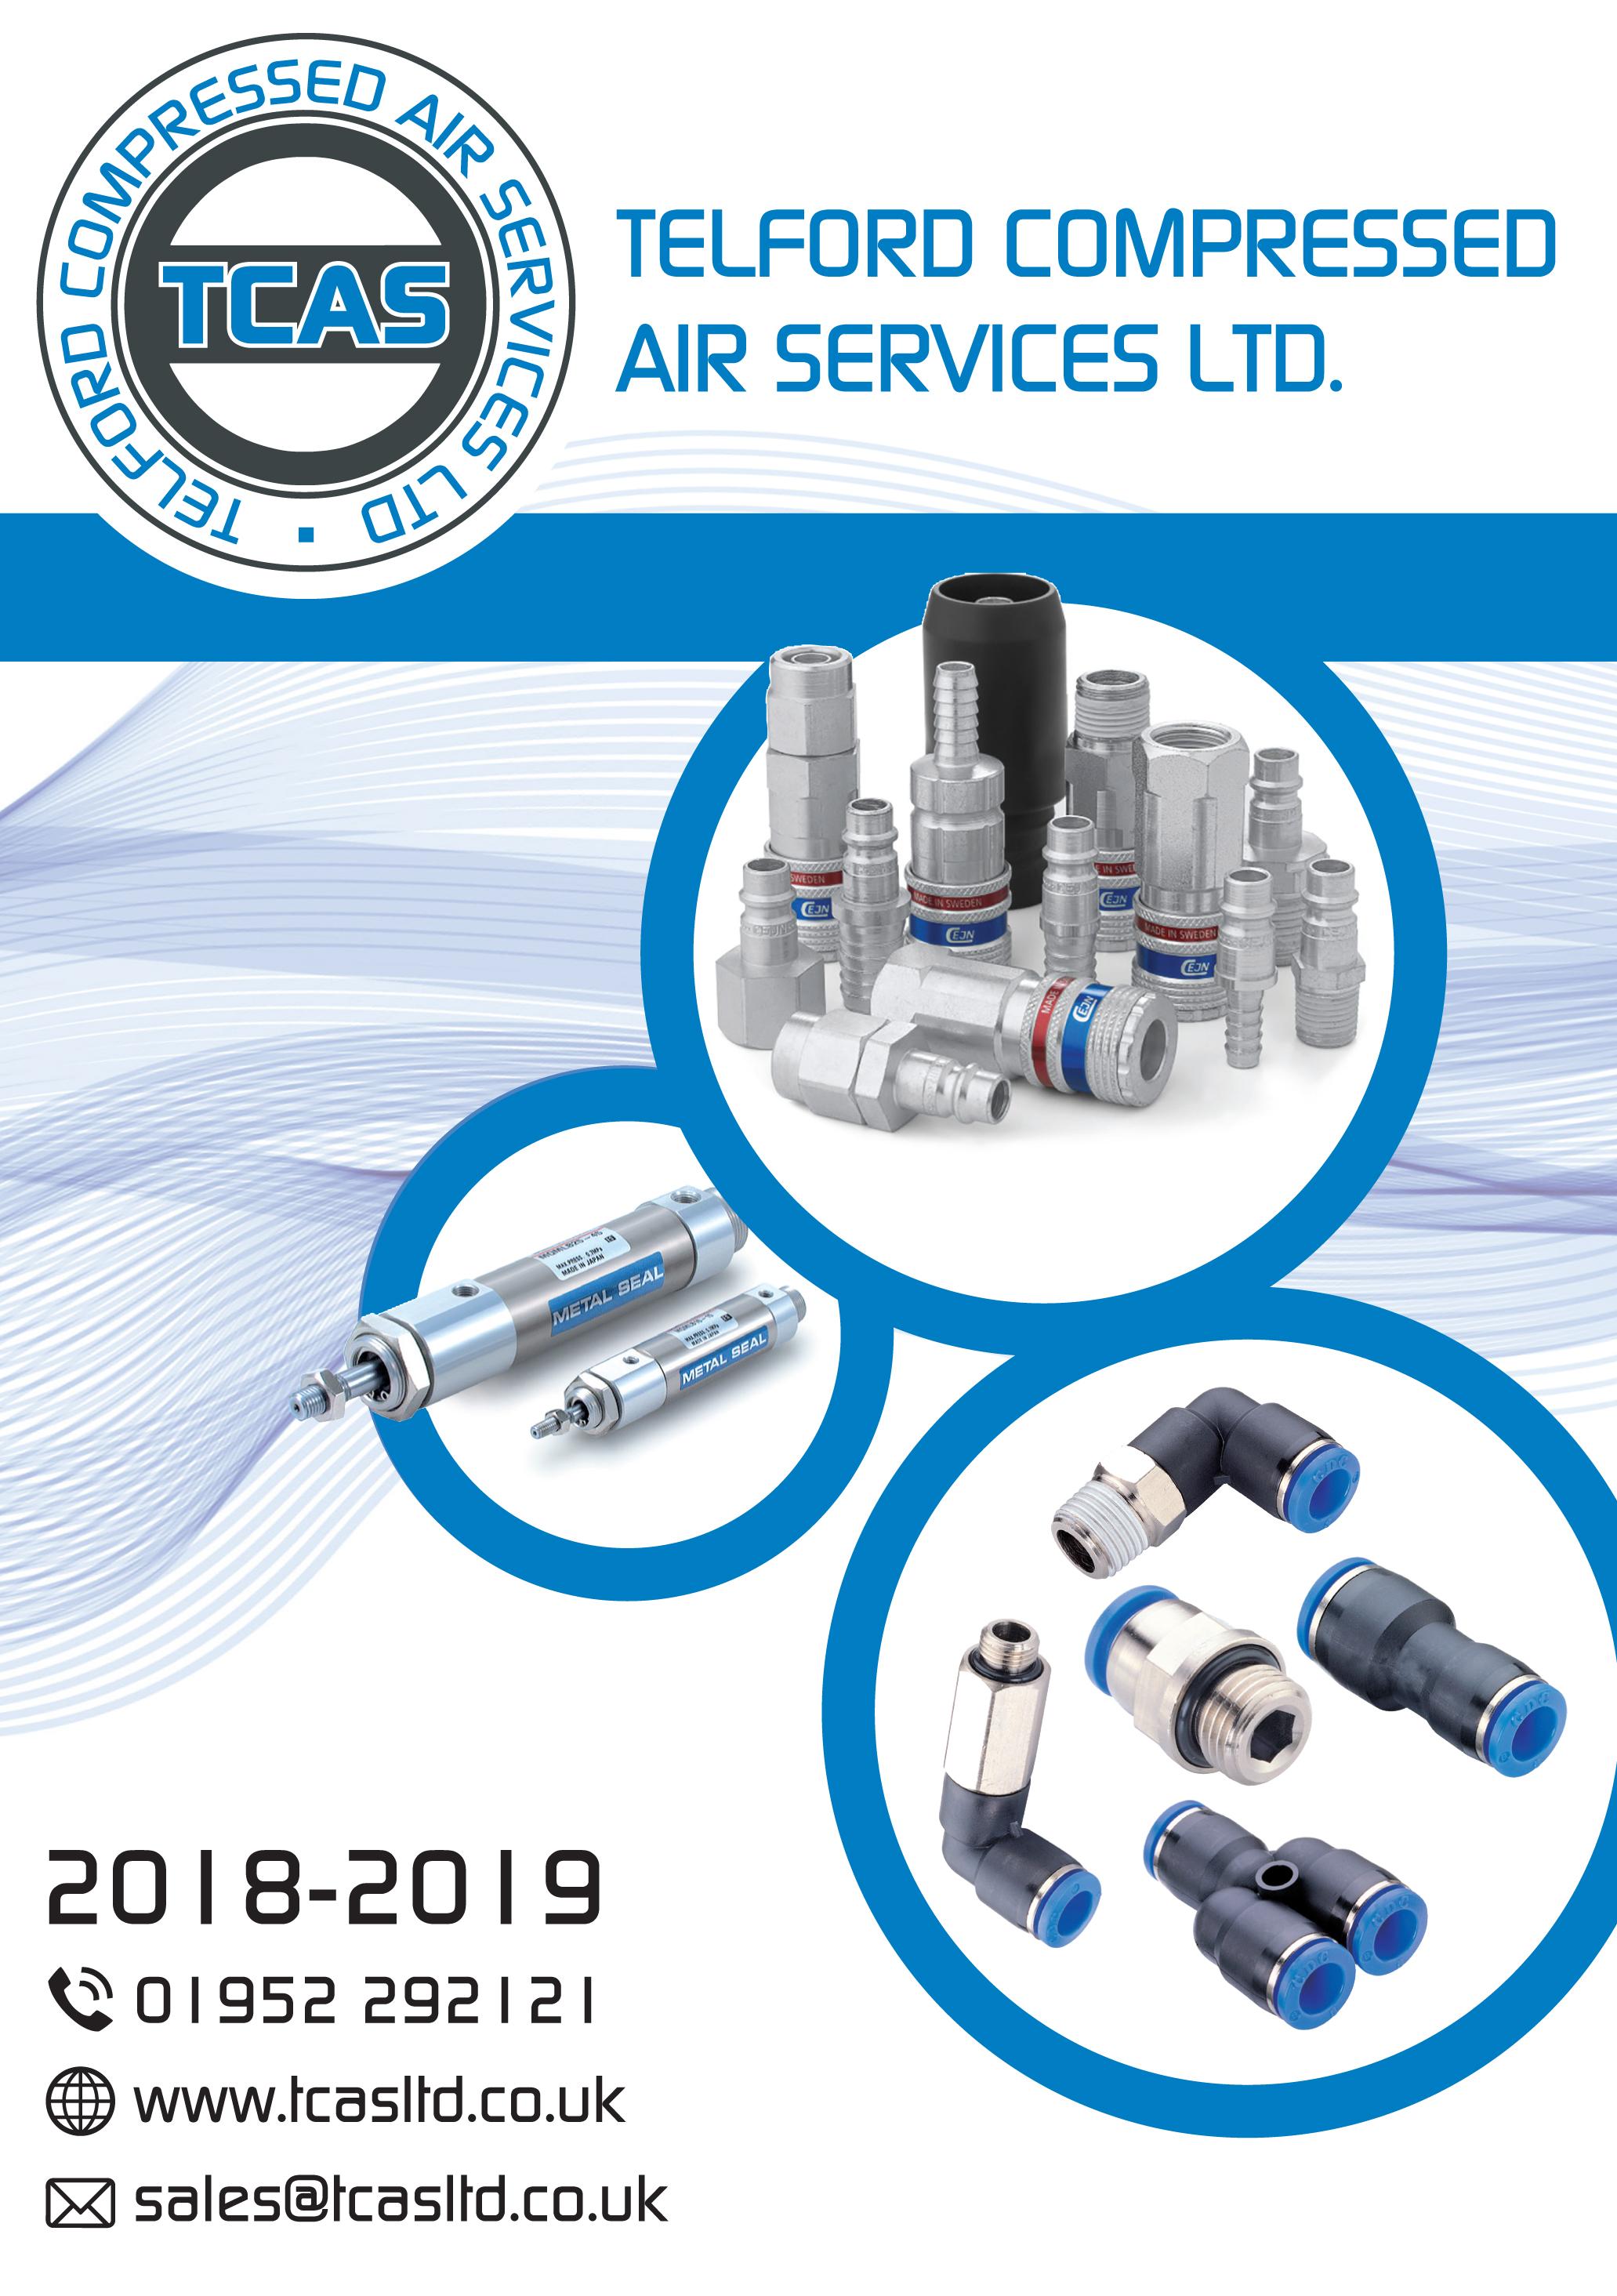 Tcas Ltd